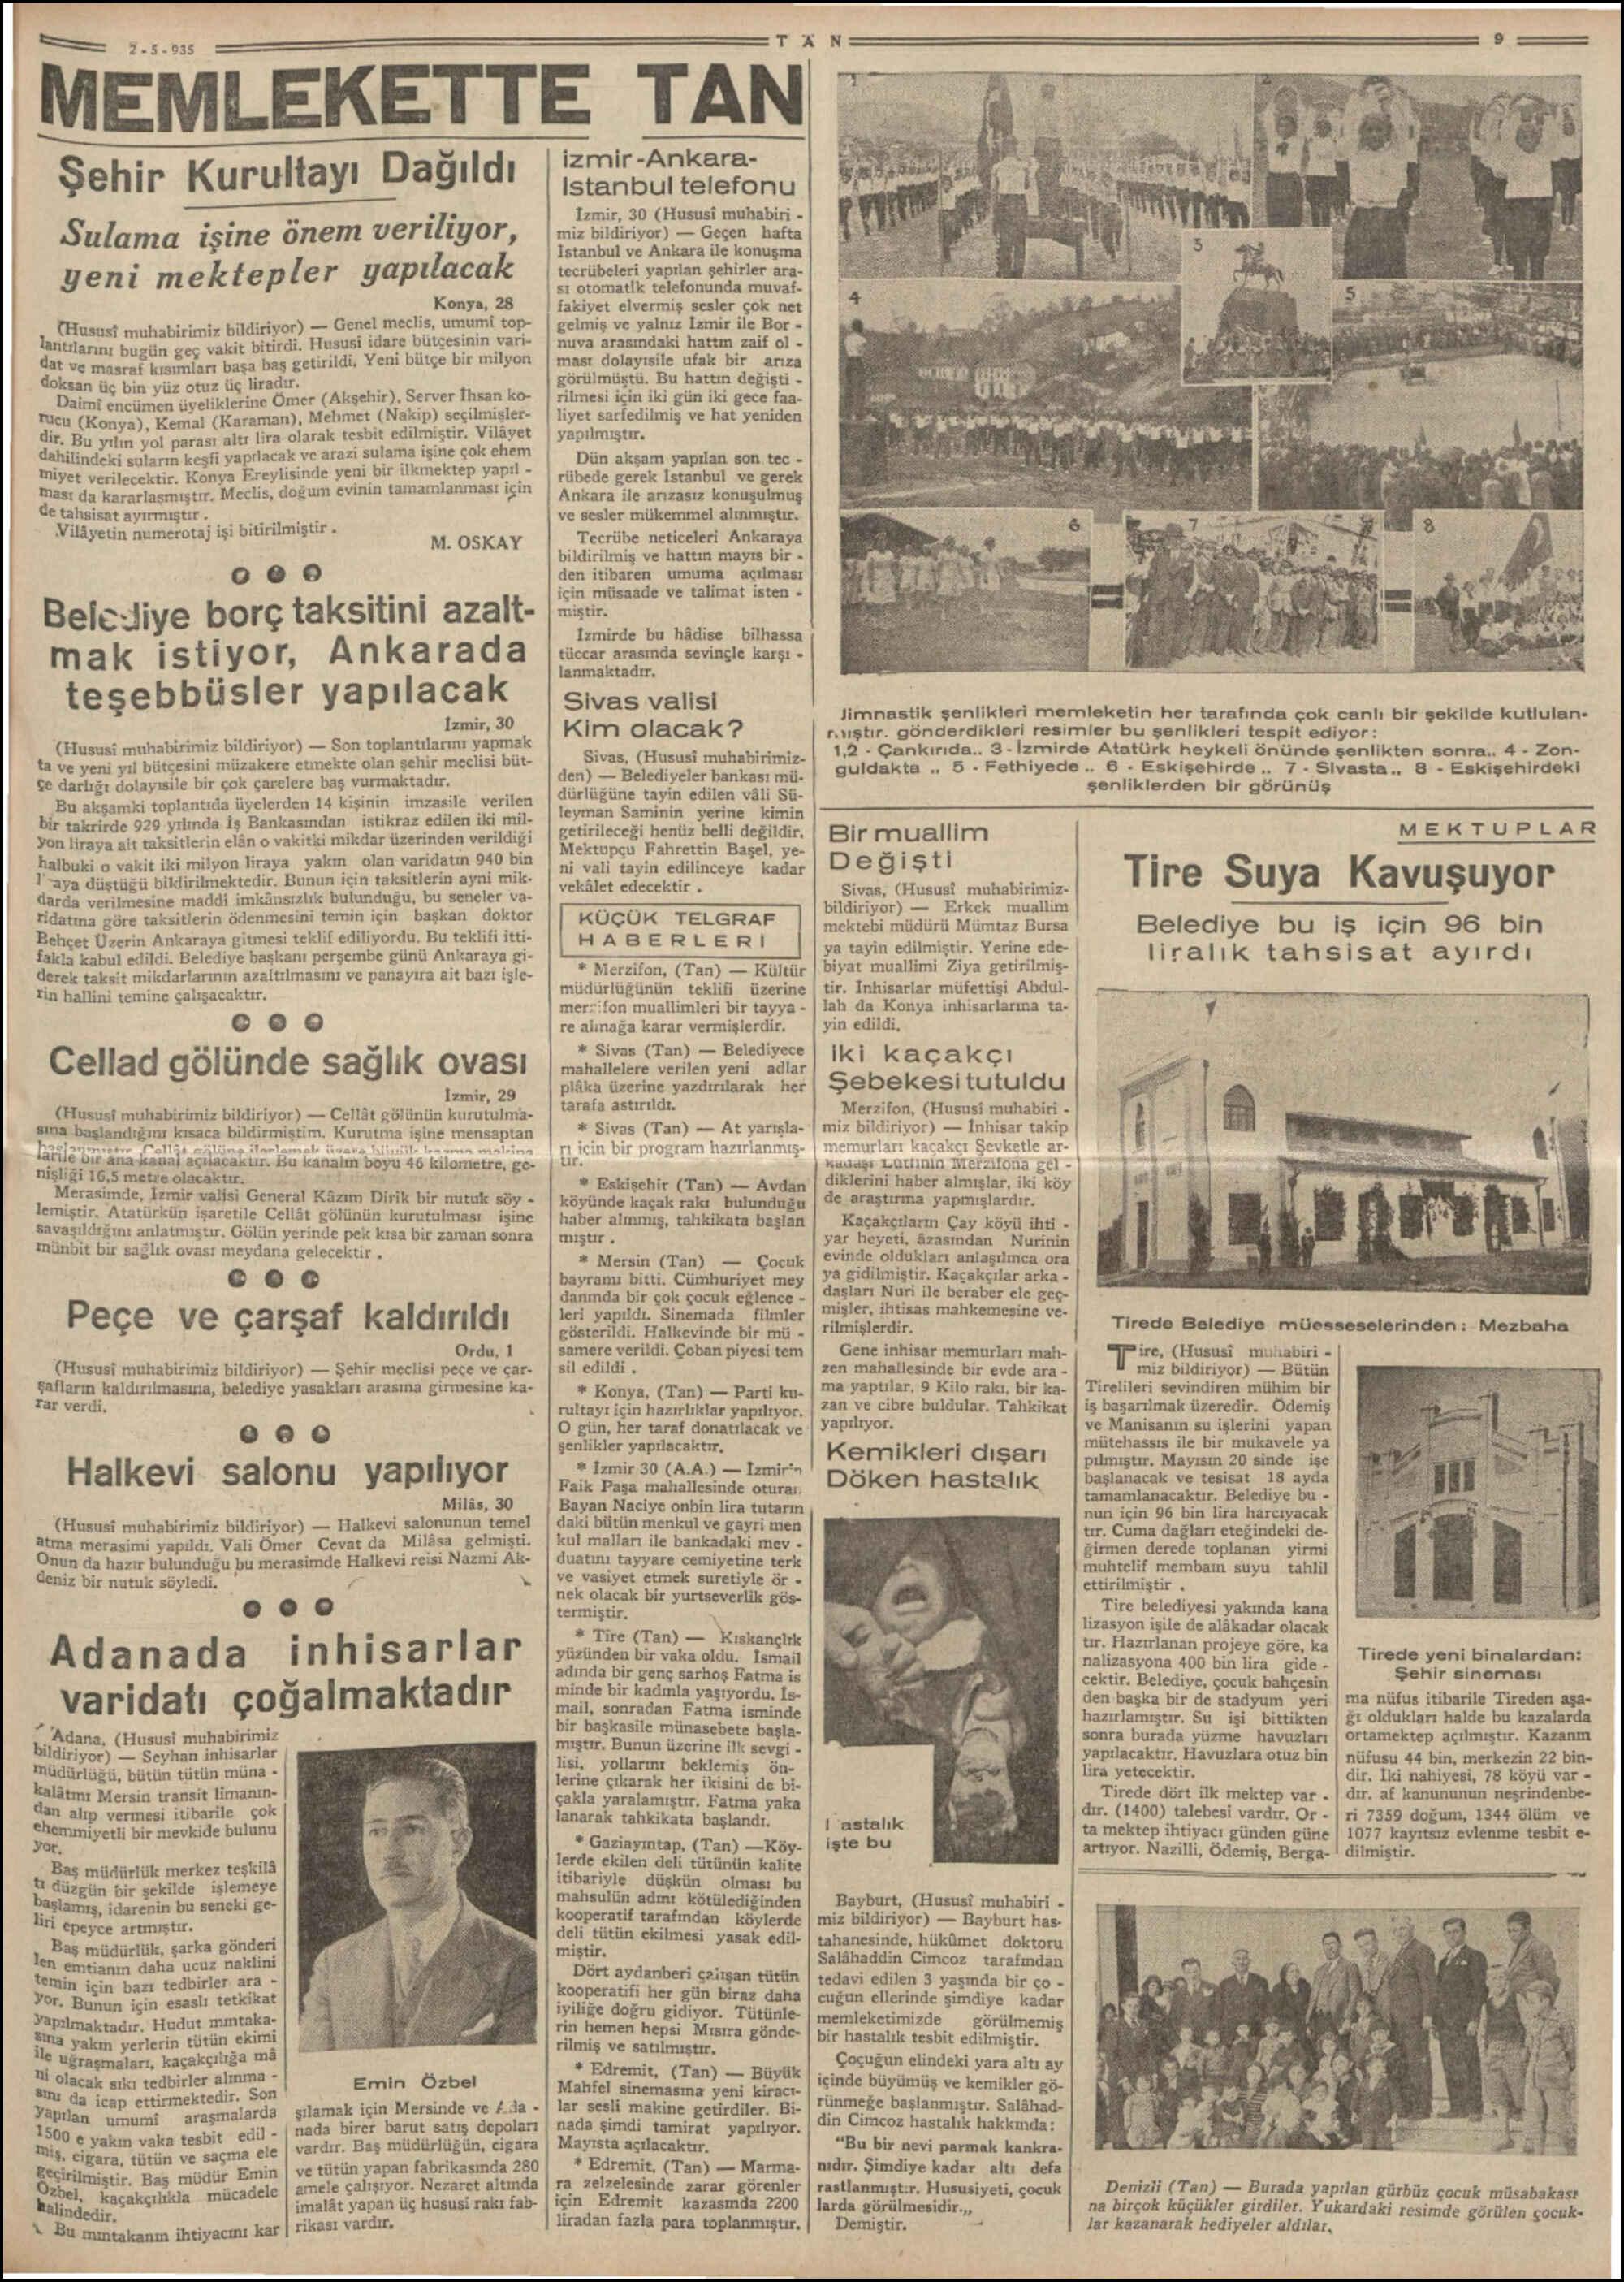 2 Mayıs 1935 Tarihli Tan Dergisi Sayfa 9